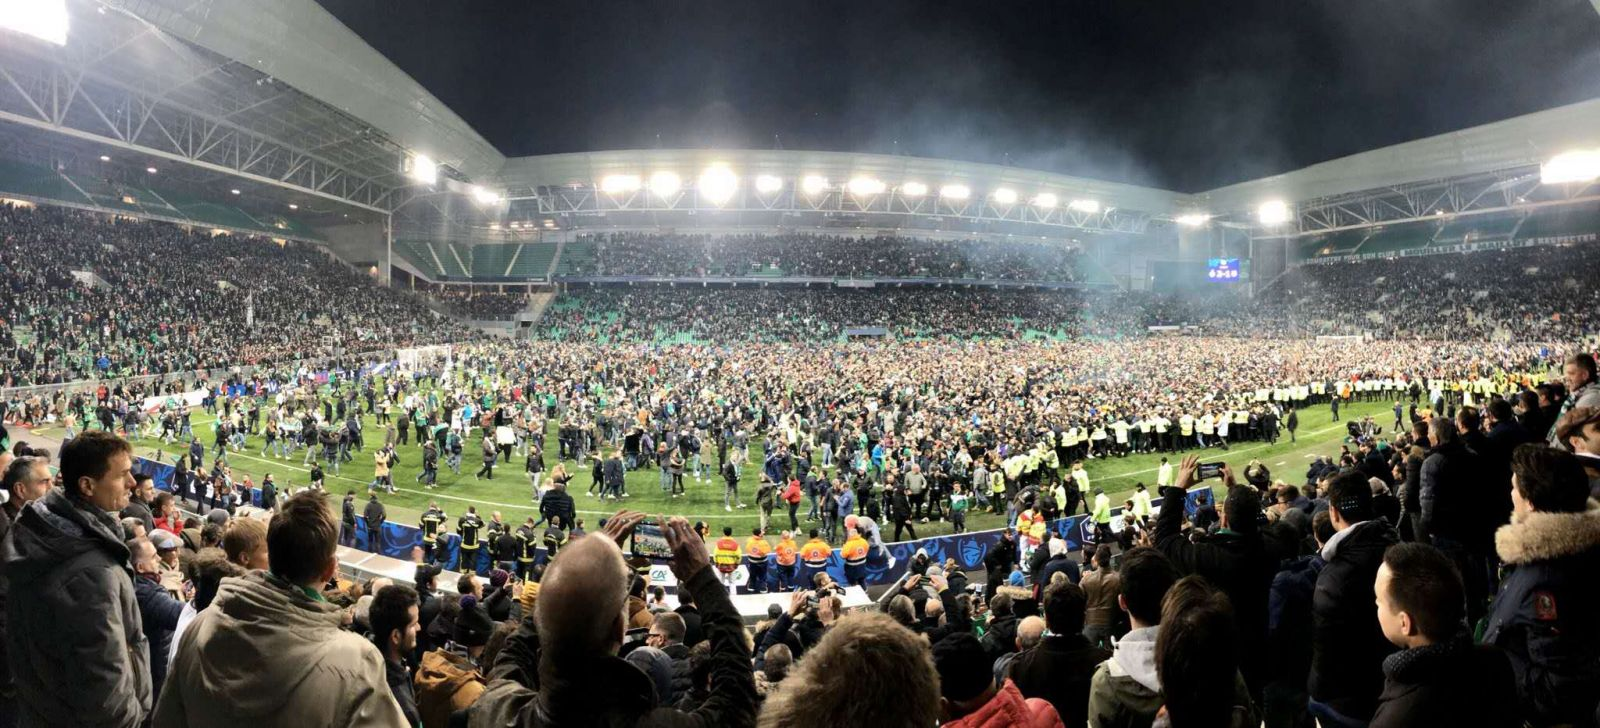 多图流:无惧疫情,圣埃蒂安球迷大量涌入球场庆祝胜利